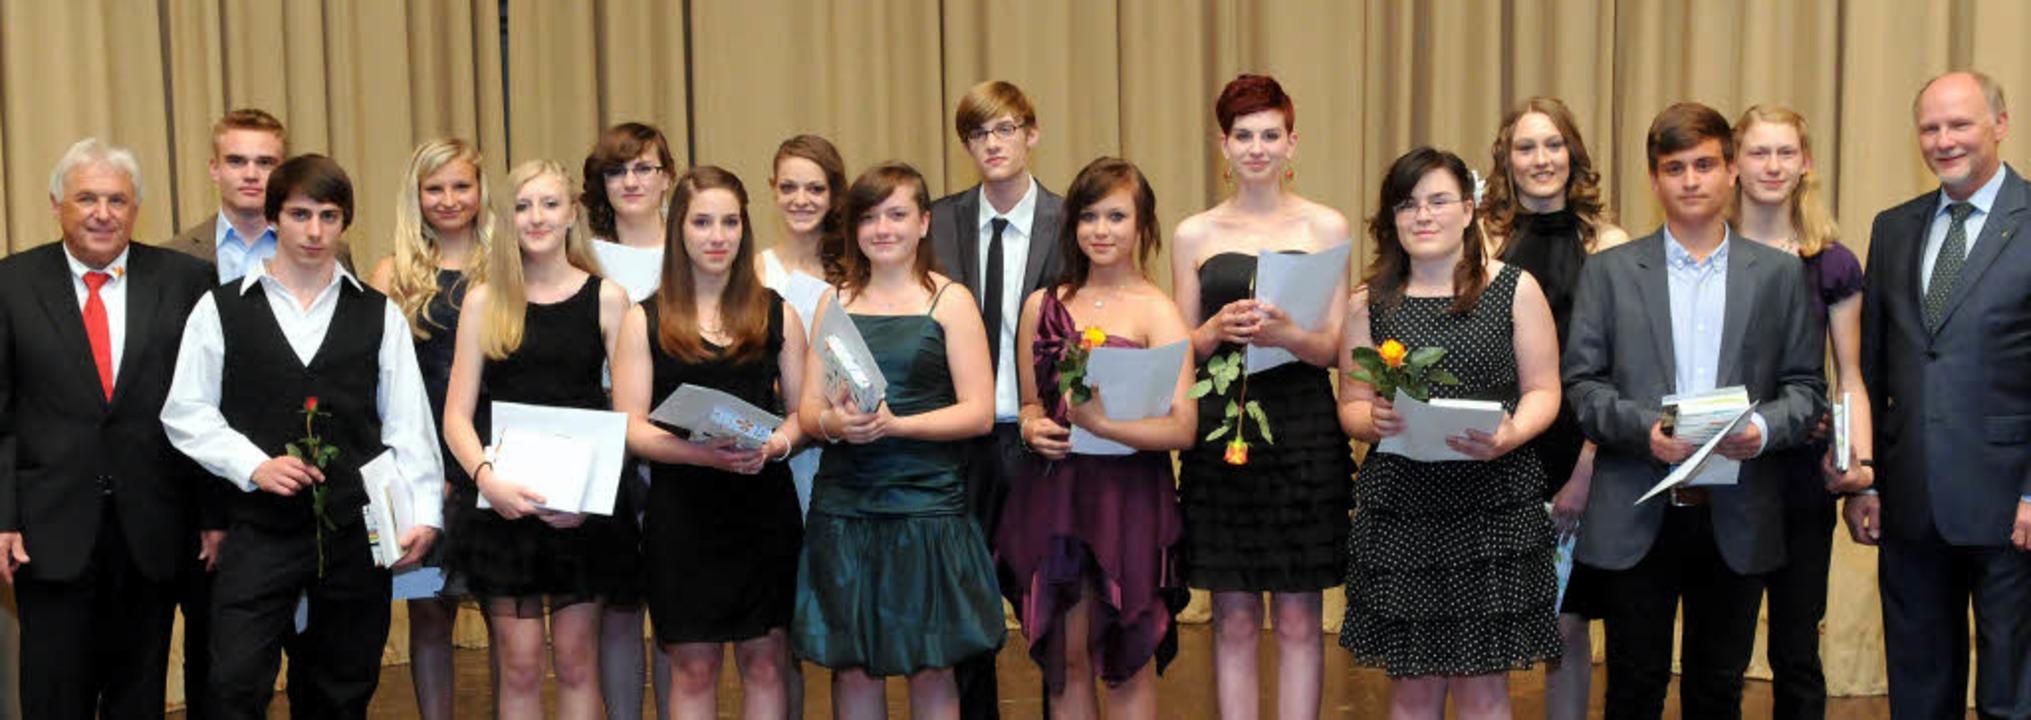 Diese strahlenden Schulabsolventen dur...Armin Roesner freuten sich mit ihnen.     Foto: Wolfgang Künstle